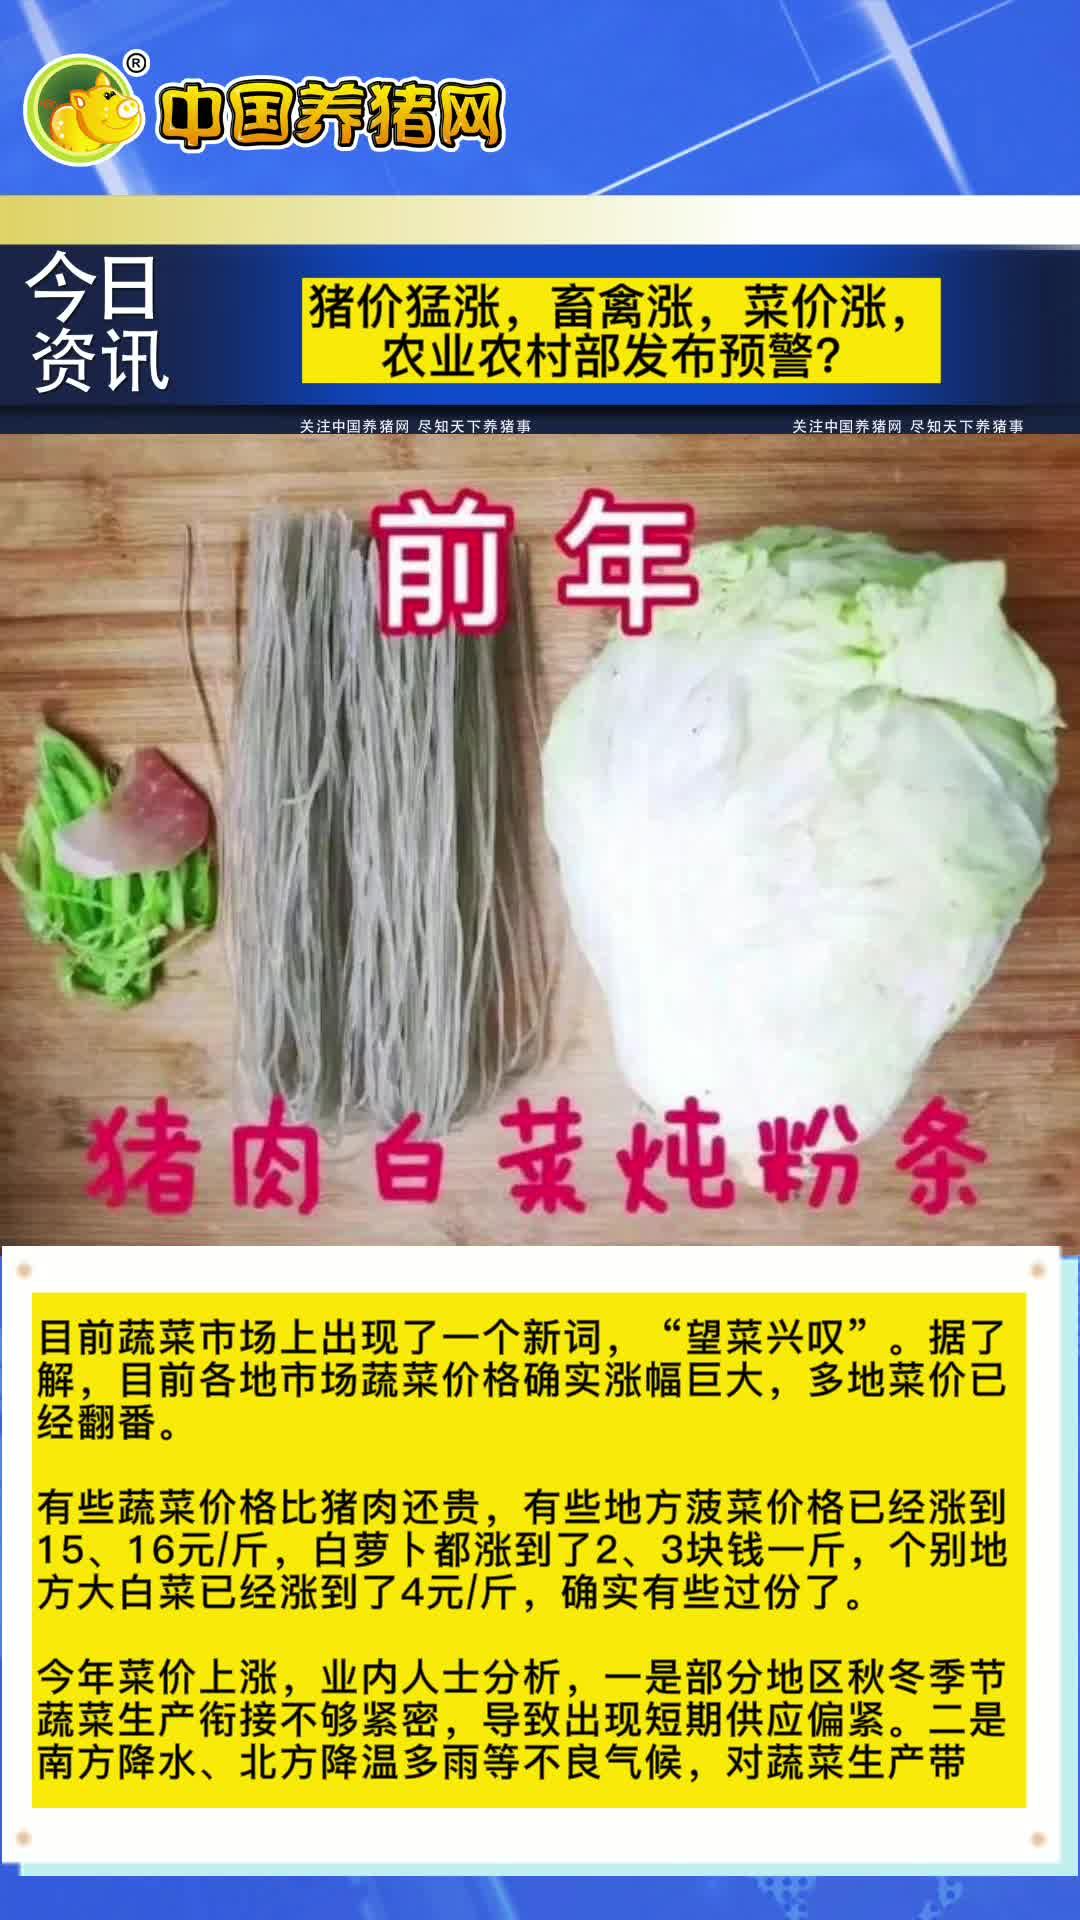 猪价猛涨,畜禽涨,菜价涨,农业农村部发布预警?